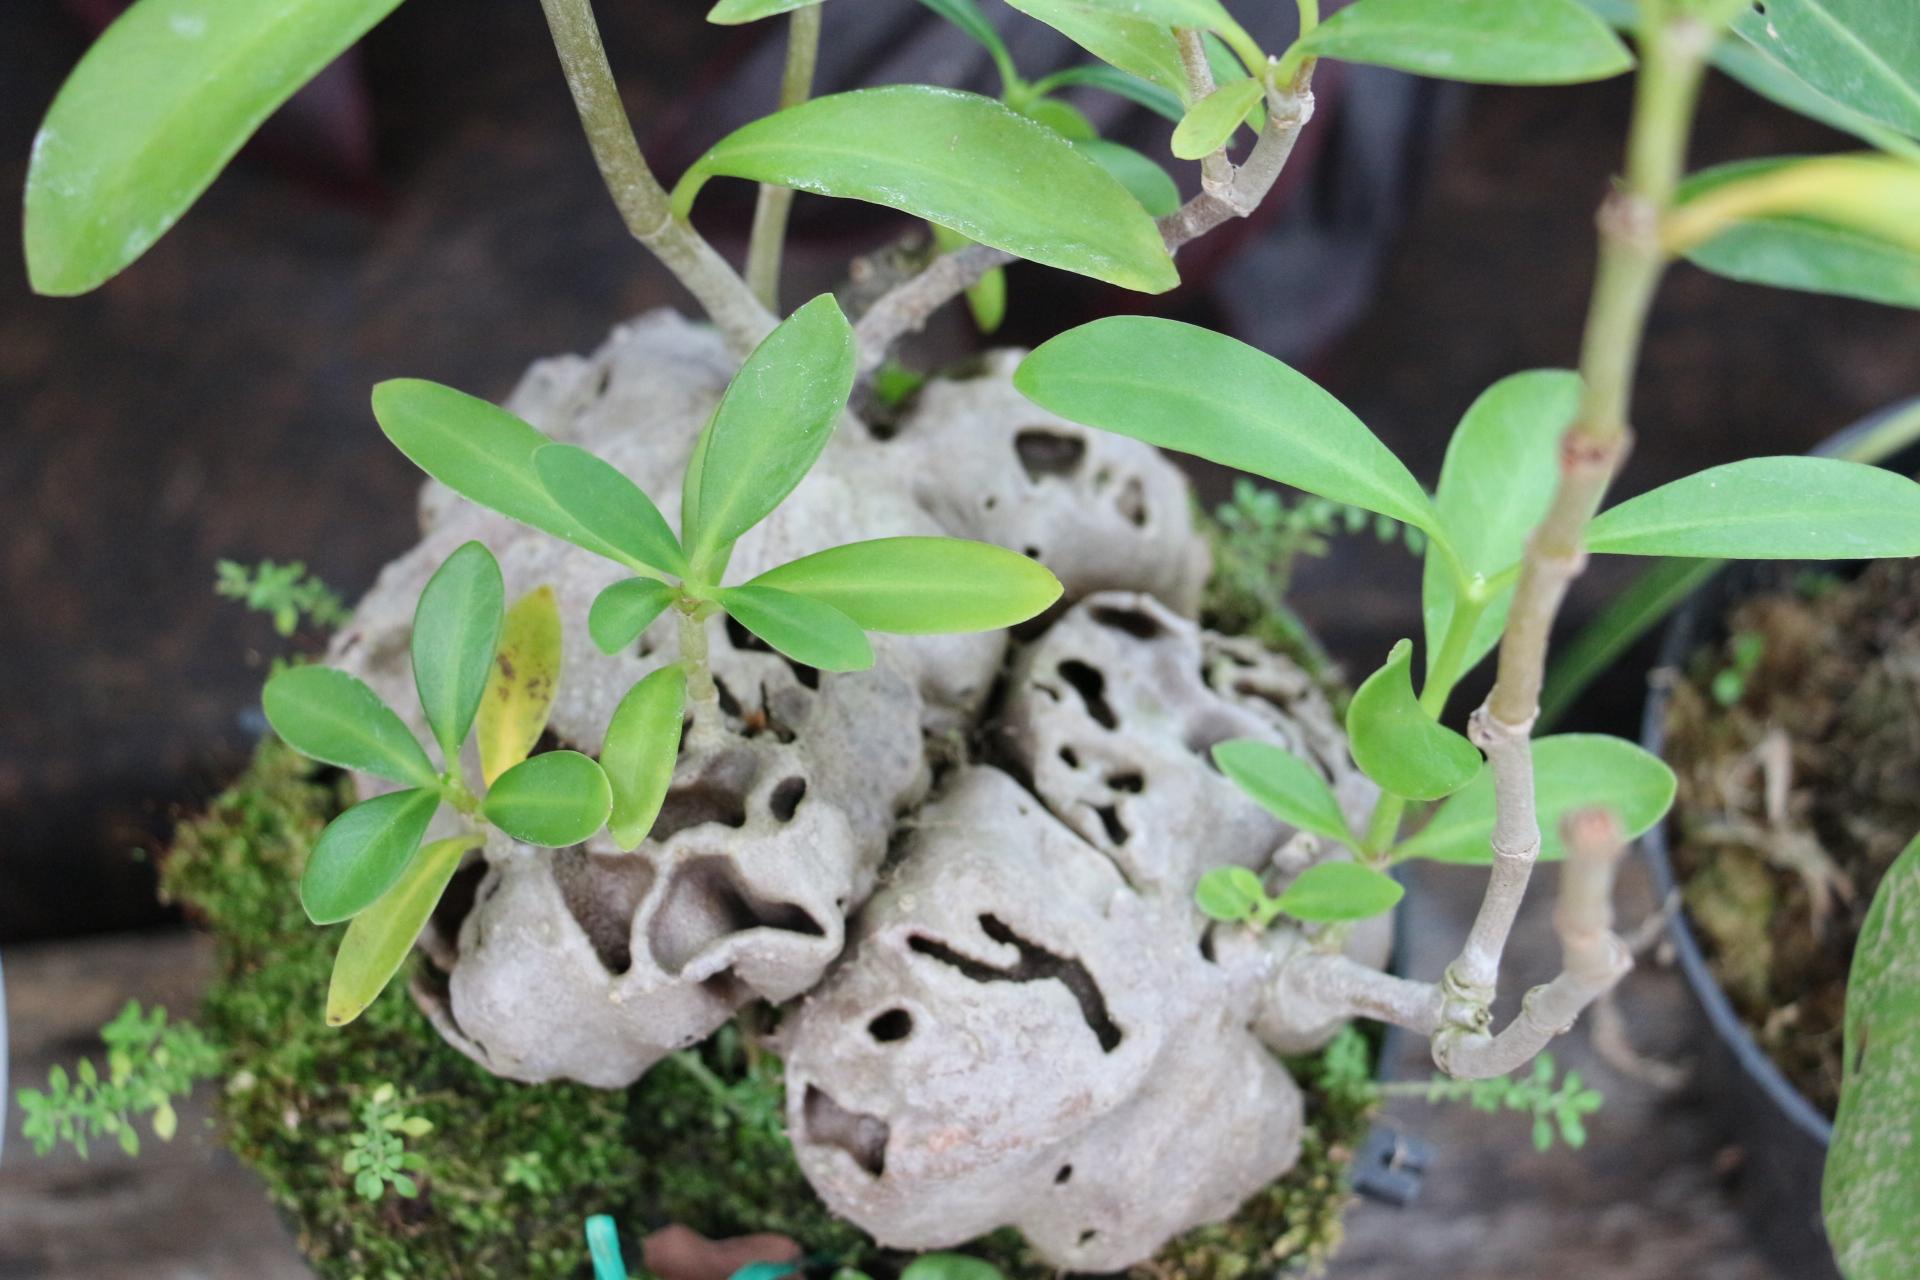 蟻巢玉莖幹基部內有許多通道、孔室,提供螞蟻做為居所